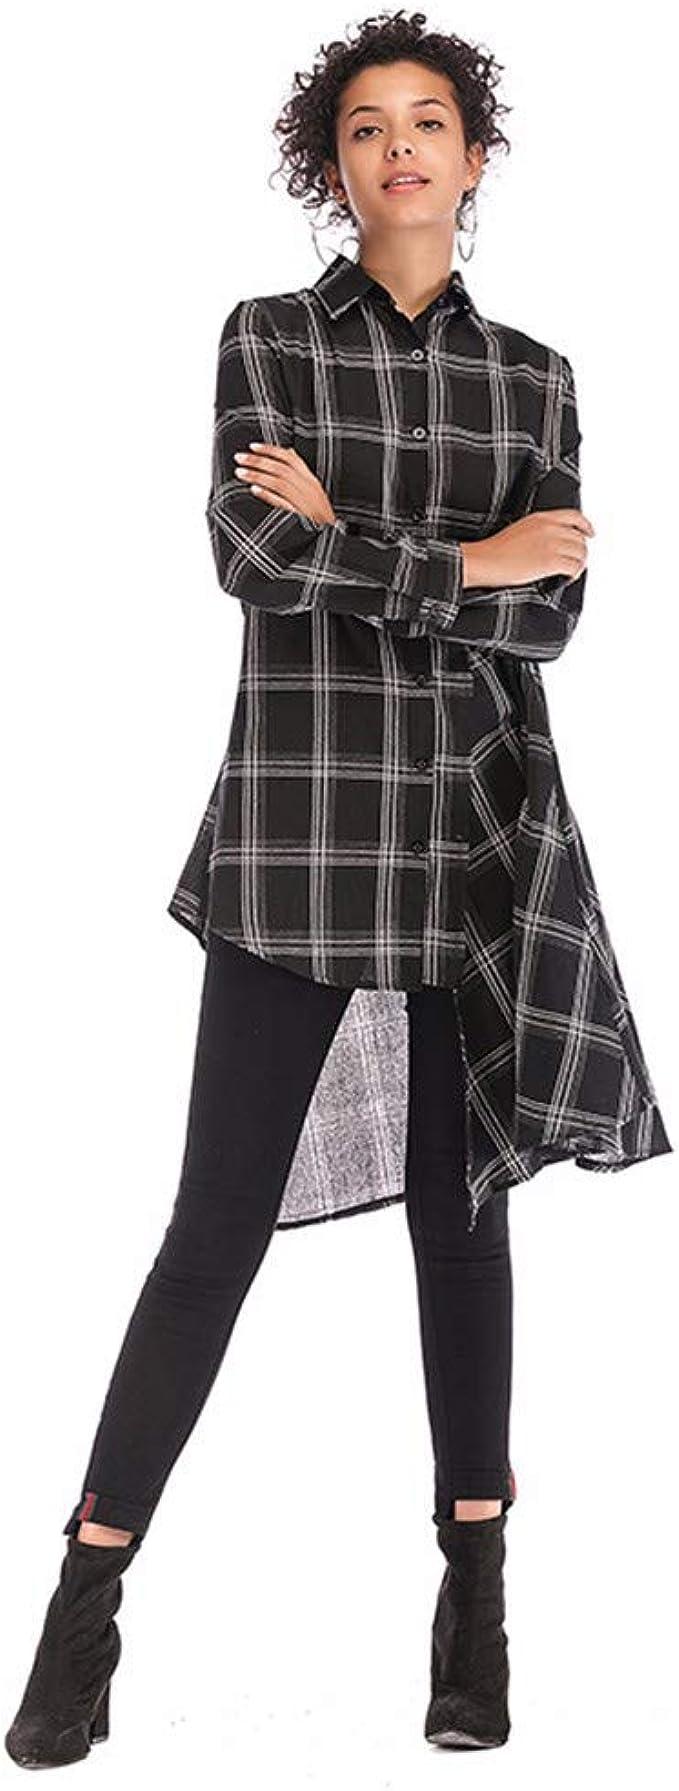 Vestidos de Mujer Camisa de Rejilla Vestido de Manga Larga Fiesta de Moda de Verano Sin Vestido con Cremallera: Amazon.es: Ropa y accesorios